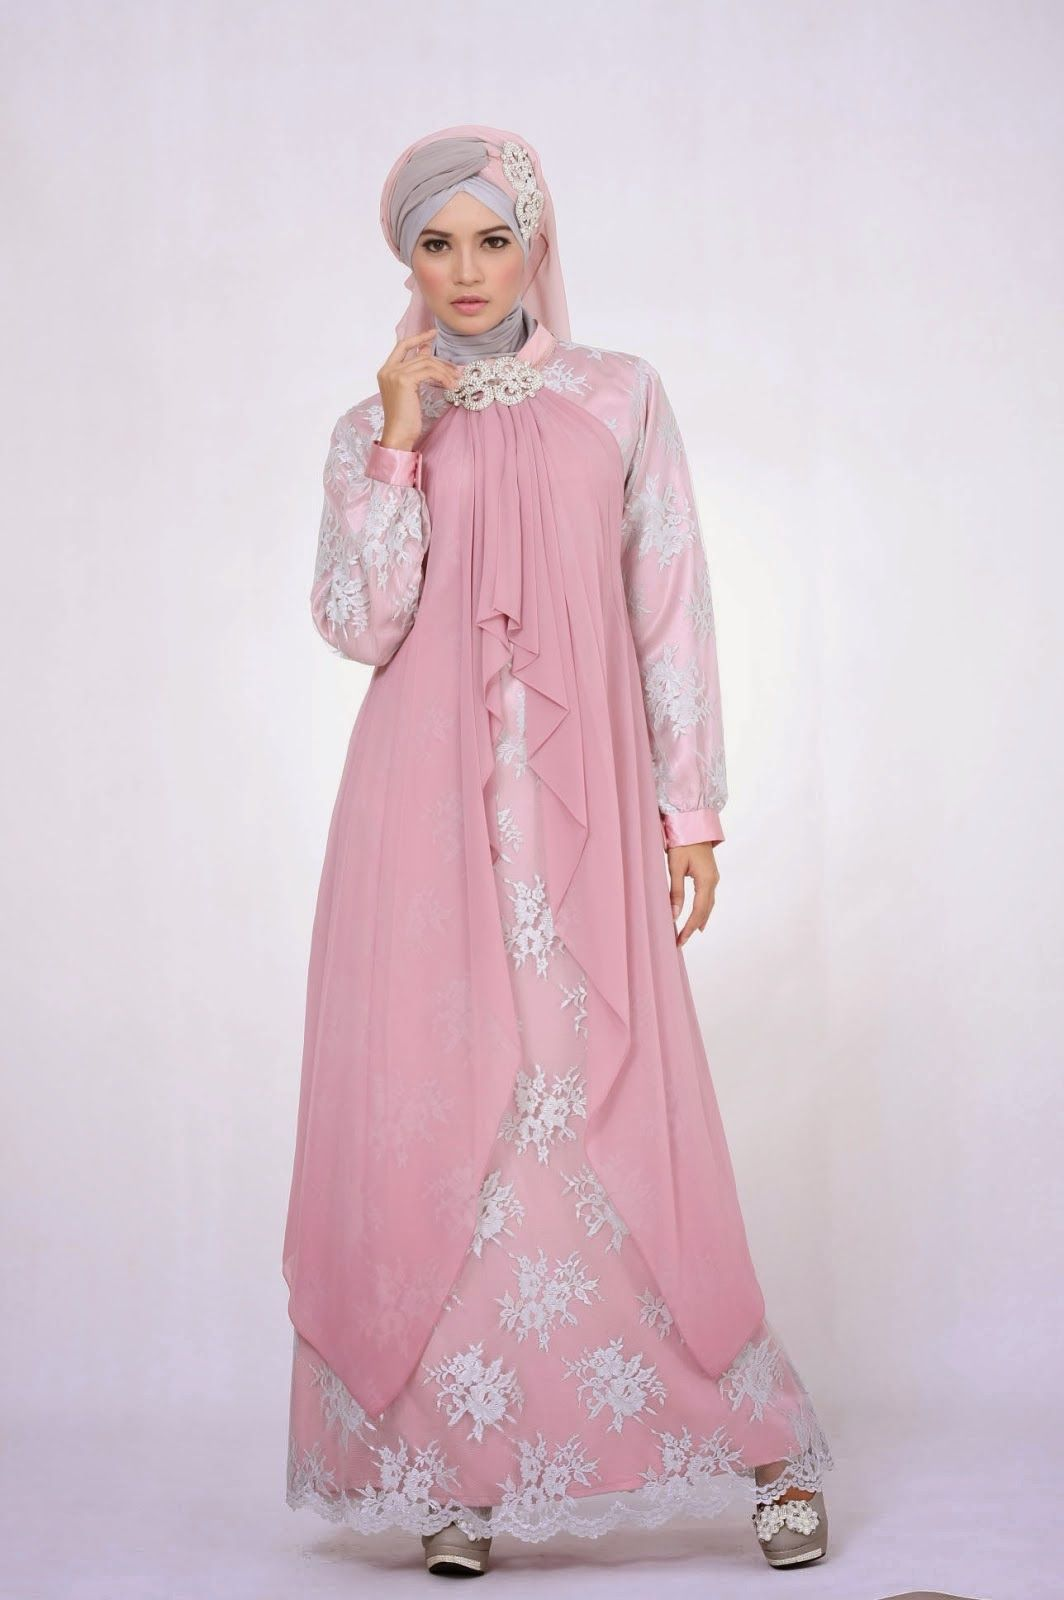 Butik Jeng Ita - Produk Busana dan Fashion Cantik Terbaru  Busana Muslim  Elegan 6b4944512f